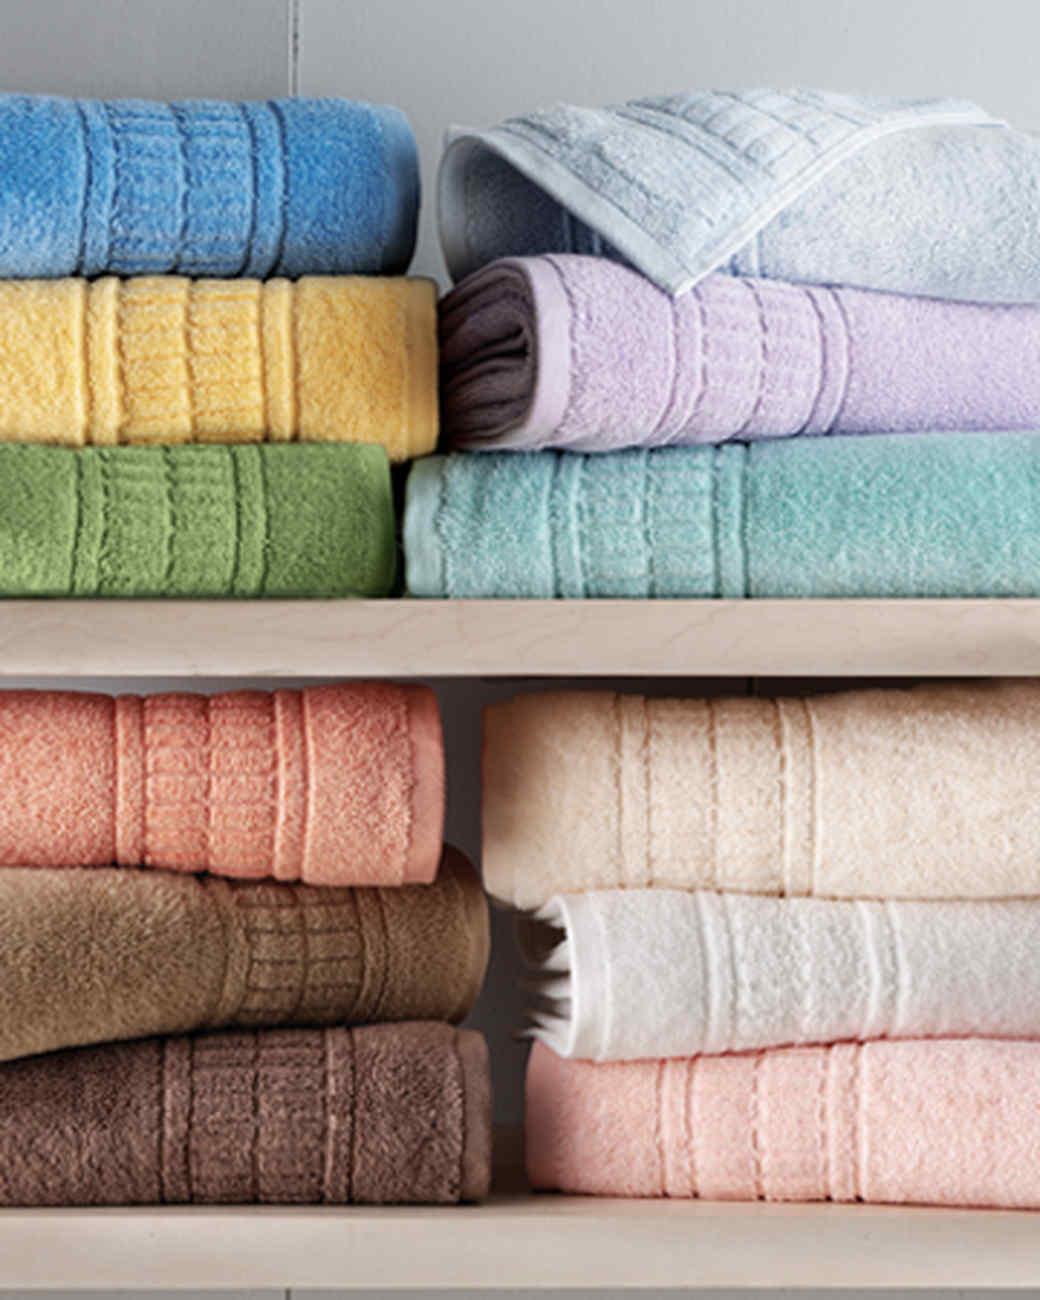 macys_towels_11.jpg